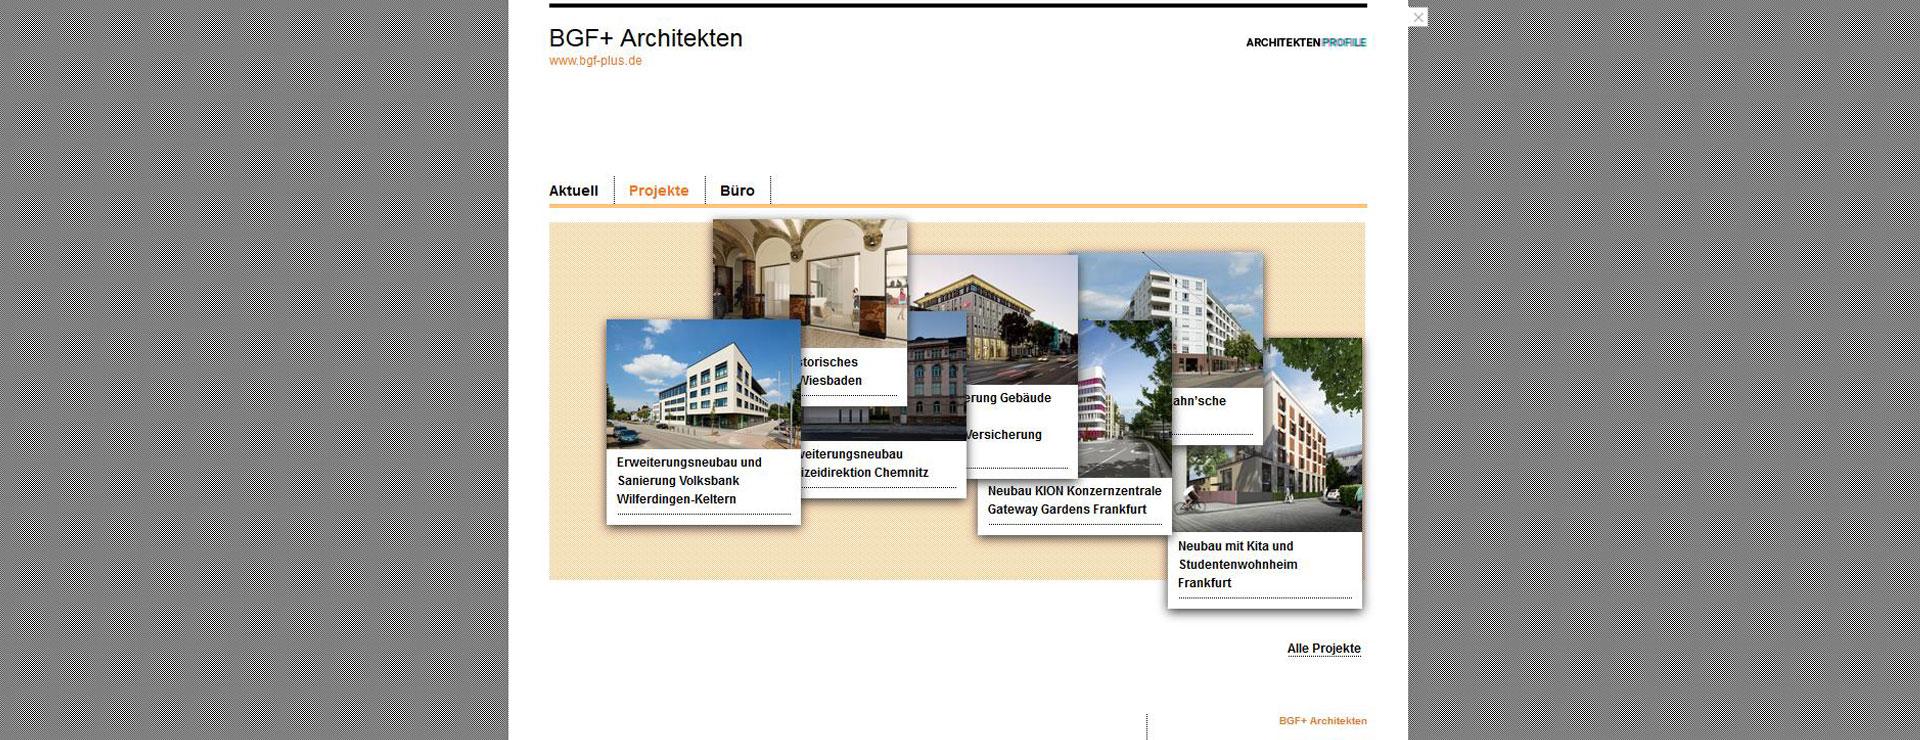 Neues bgf profil auf baunetz bgf architekten wiesbaden - Bgf architekten ...